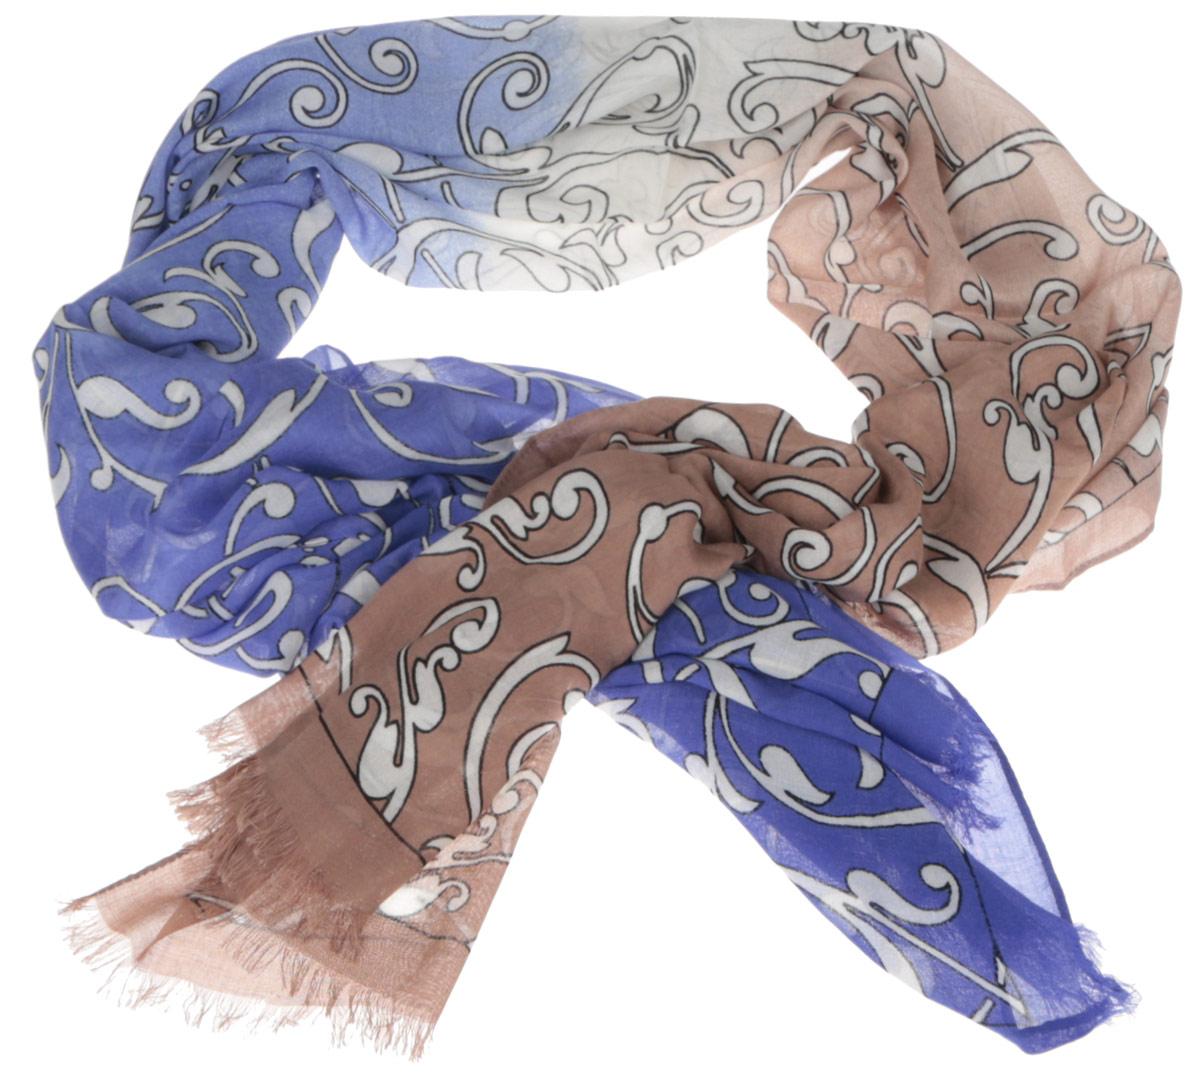 ШарфDS2015-002-15Женский шарф Fabretti позволит вам создать неповторимый и запоминающийся образ. Изготовленный из высококачественных материалов, он очень легкий, мягкий, имеет приятную на ощупь текстуру. Модель оформлена изысканным узором, украшена по краям короткими кисточками. Такой аксессуар станет стильным дополнением к гардеробу современной женщины, стремящейся всегда оставаться яркой и элегантной.